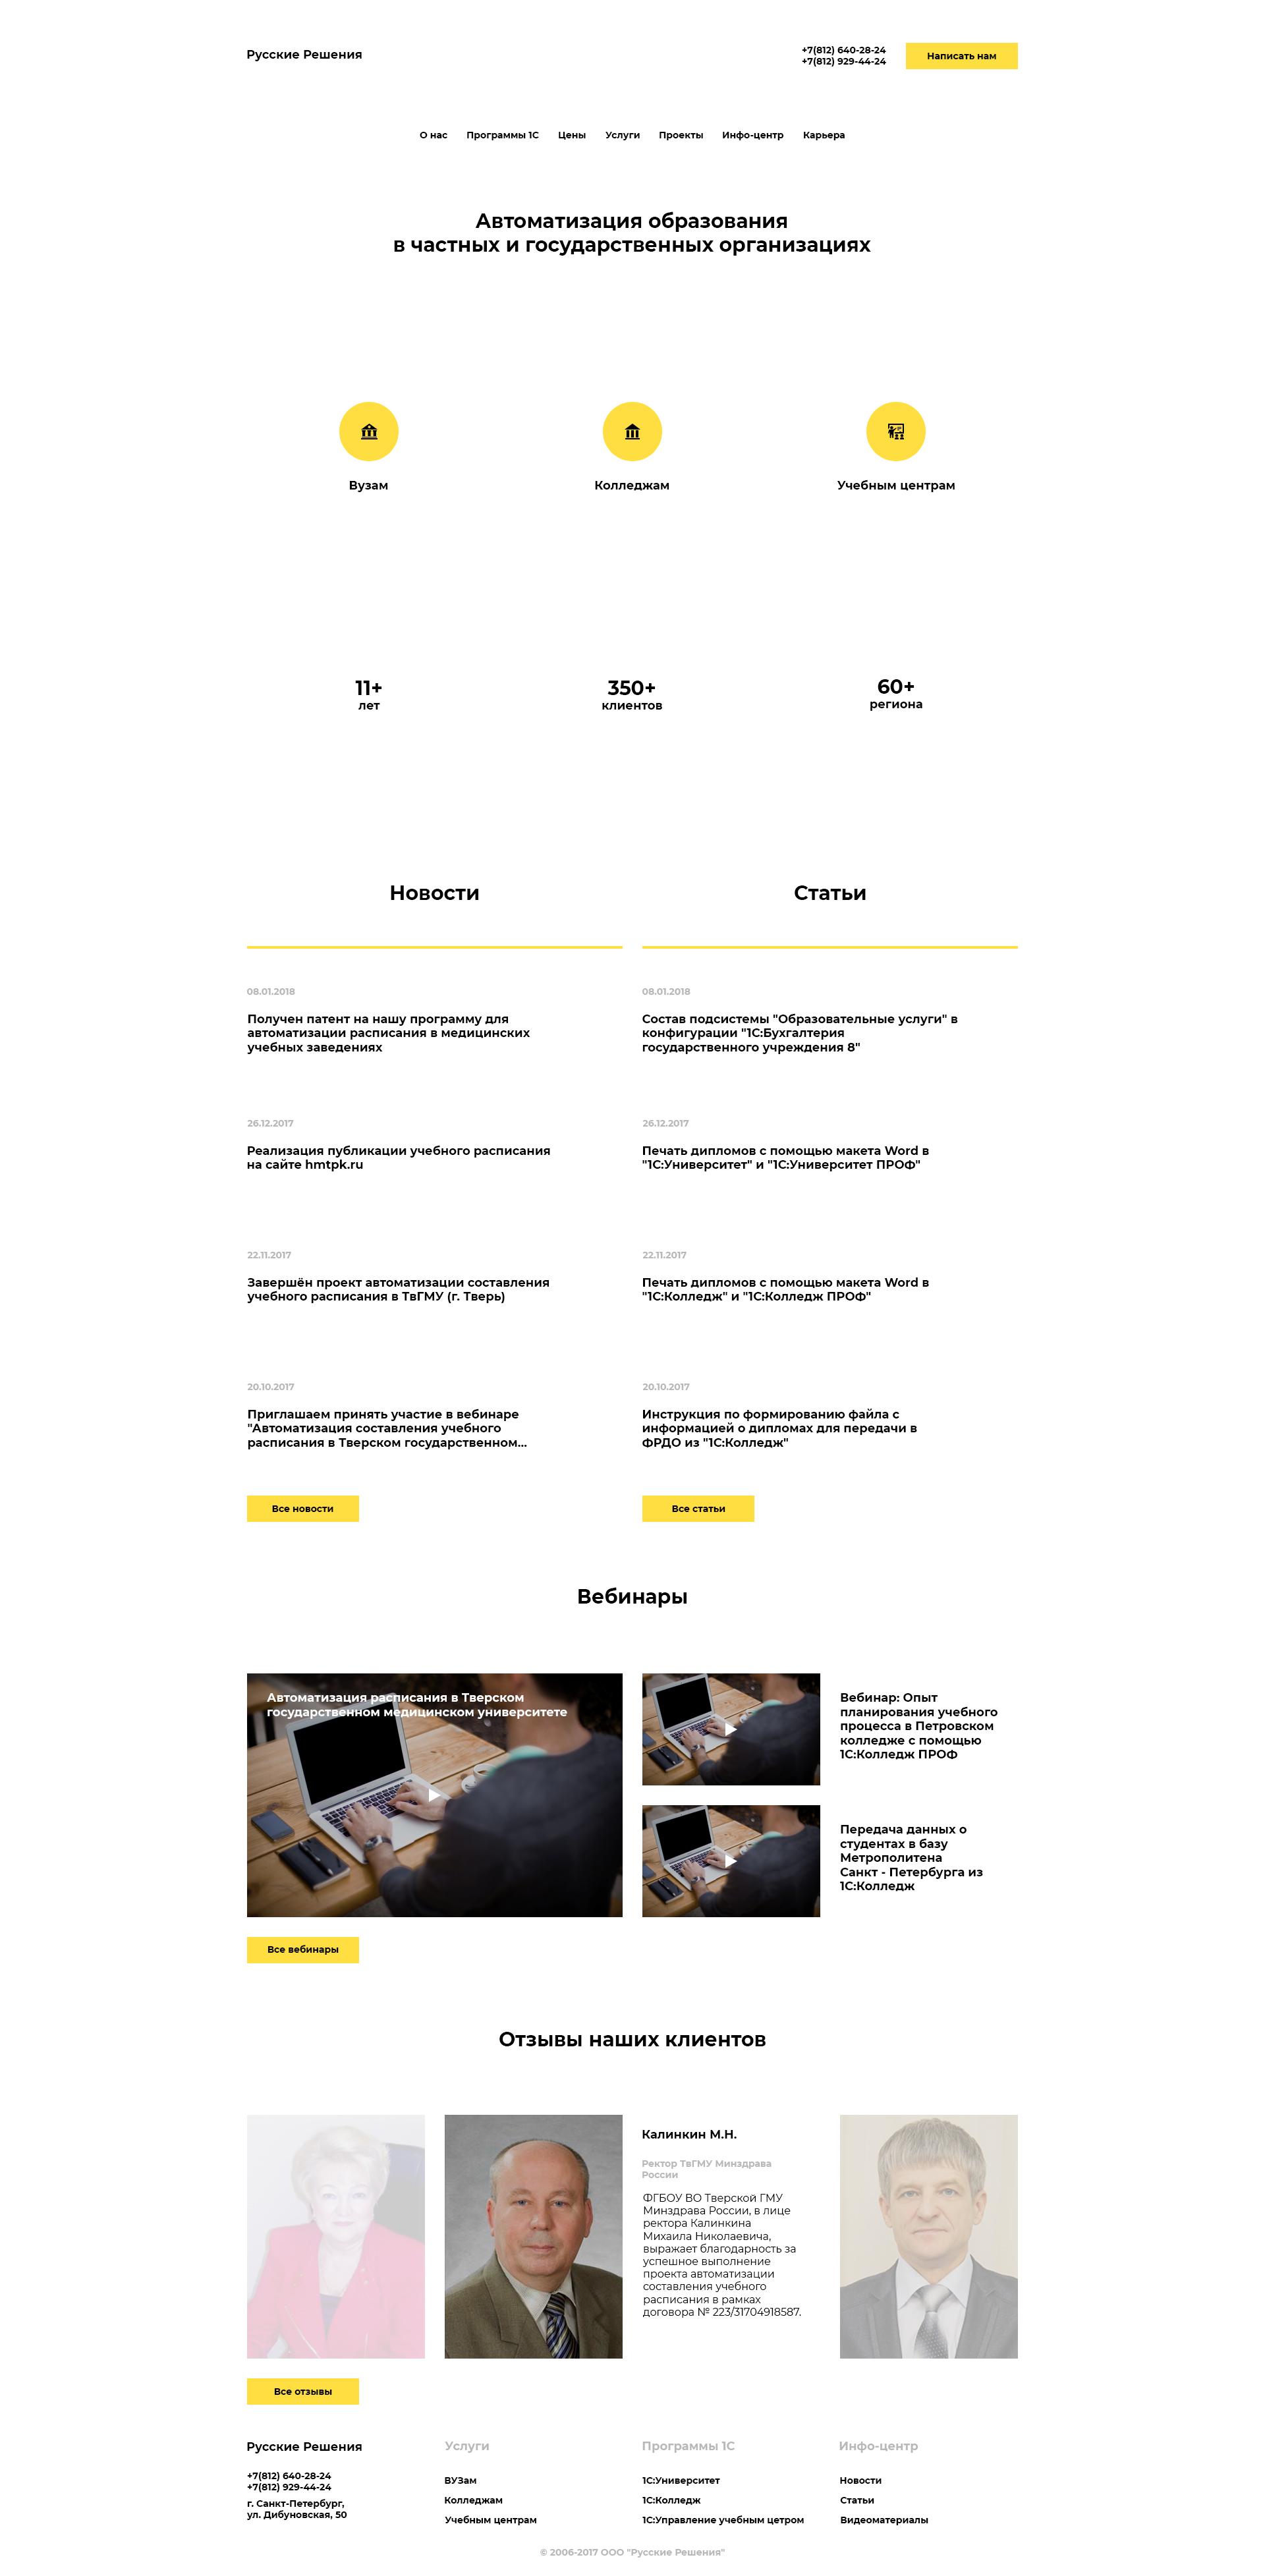 Дизайн главной страницы сайта фото f_4715a619cfe92834.jpg